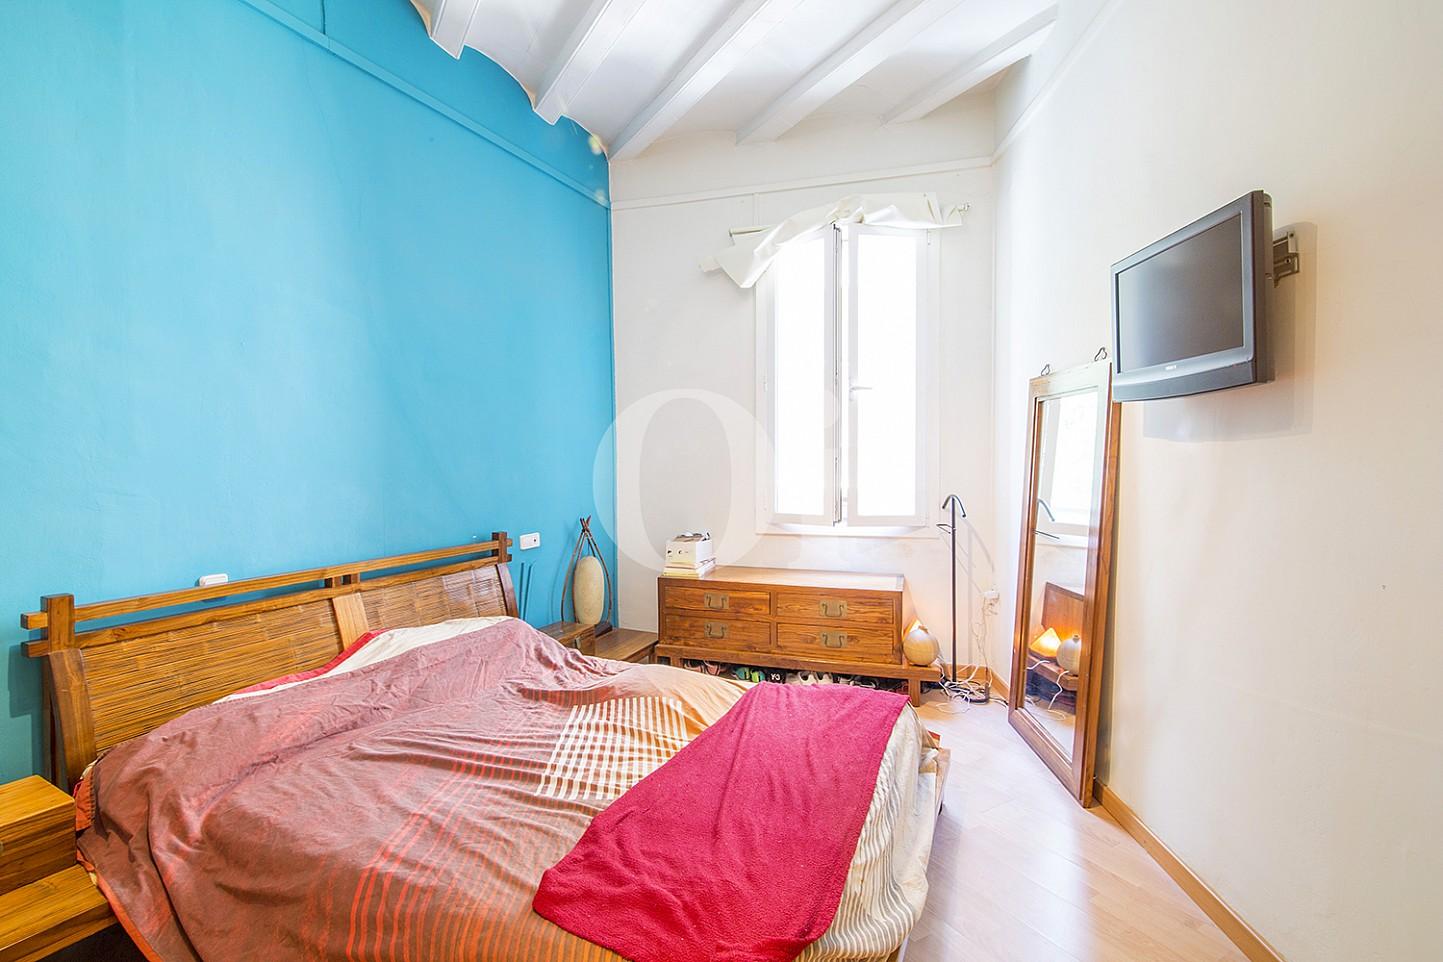 Luminosa habitación doble con cama matrimonial en lujoso piso en venta situado en el Gotic, Barcelona